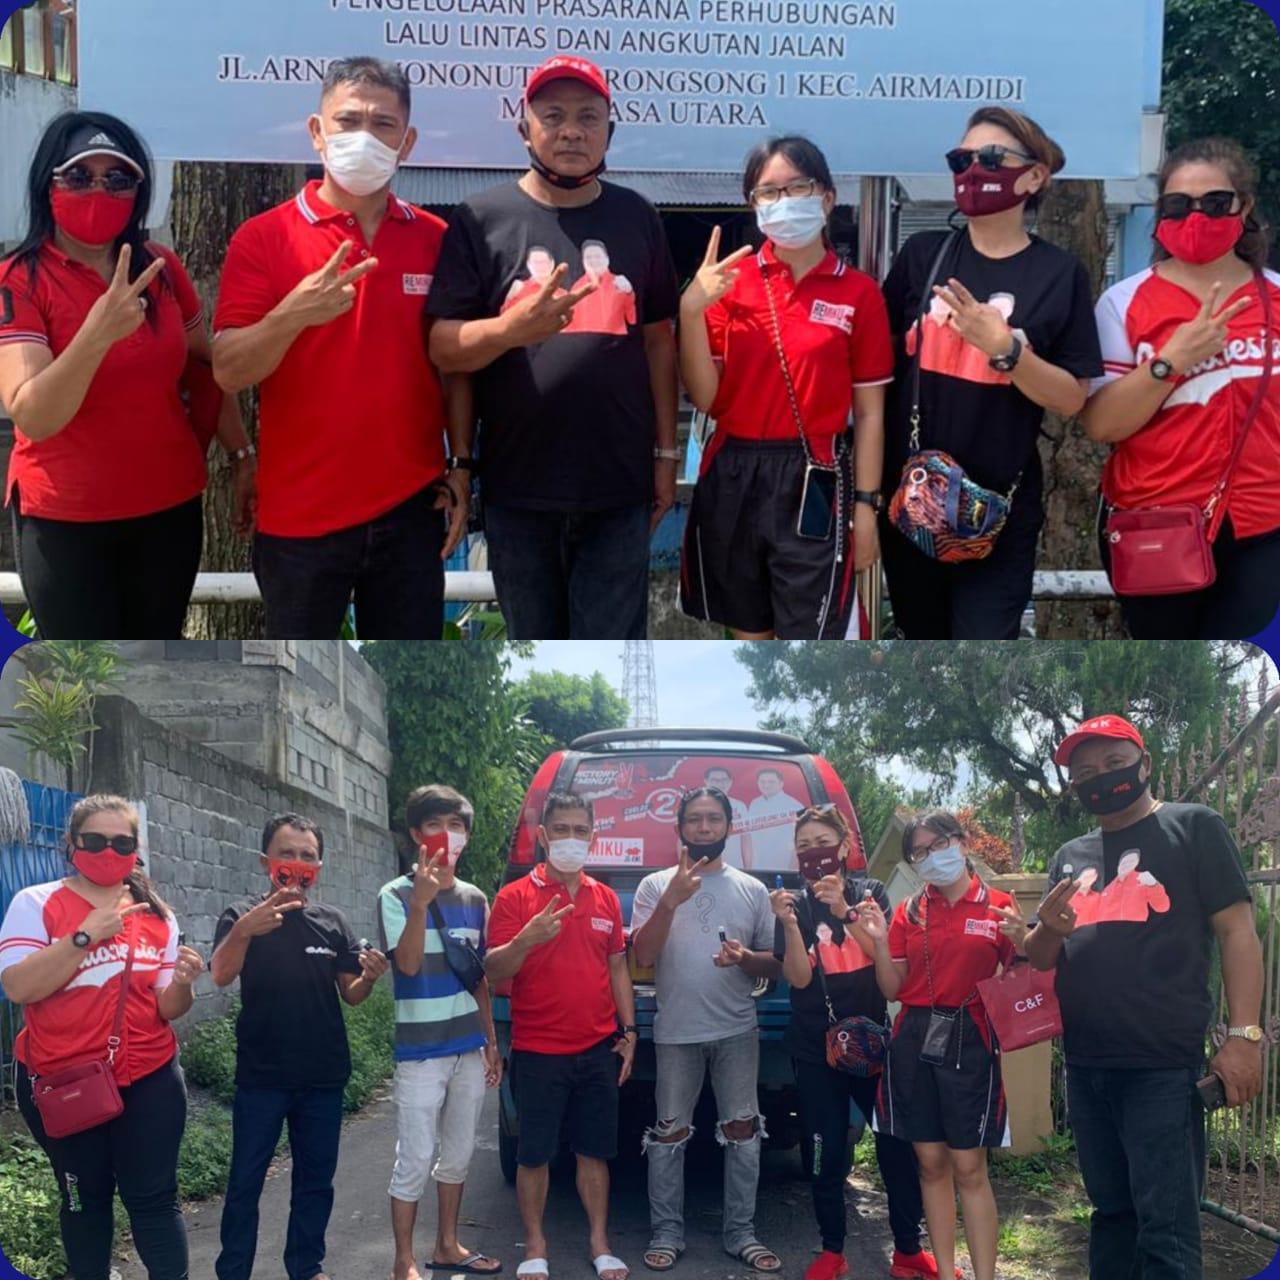 REMIKU Terus Berinovasi Menjaring Dukungan, Lantobo Bagikan Flash Gratis ke Sopir Angkot